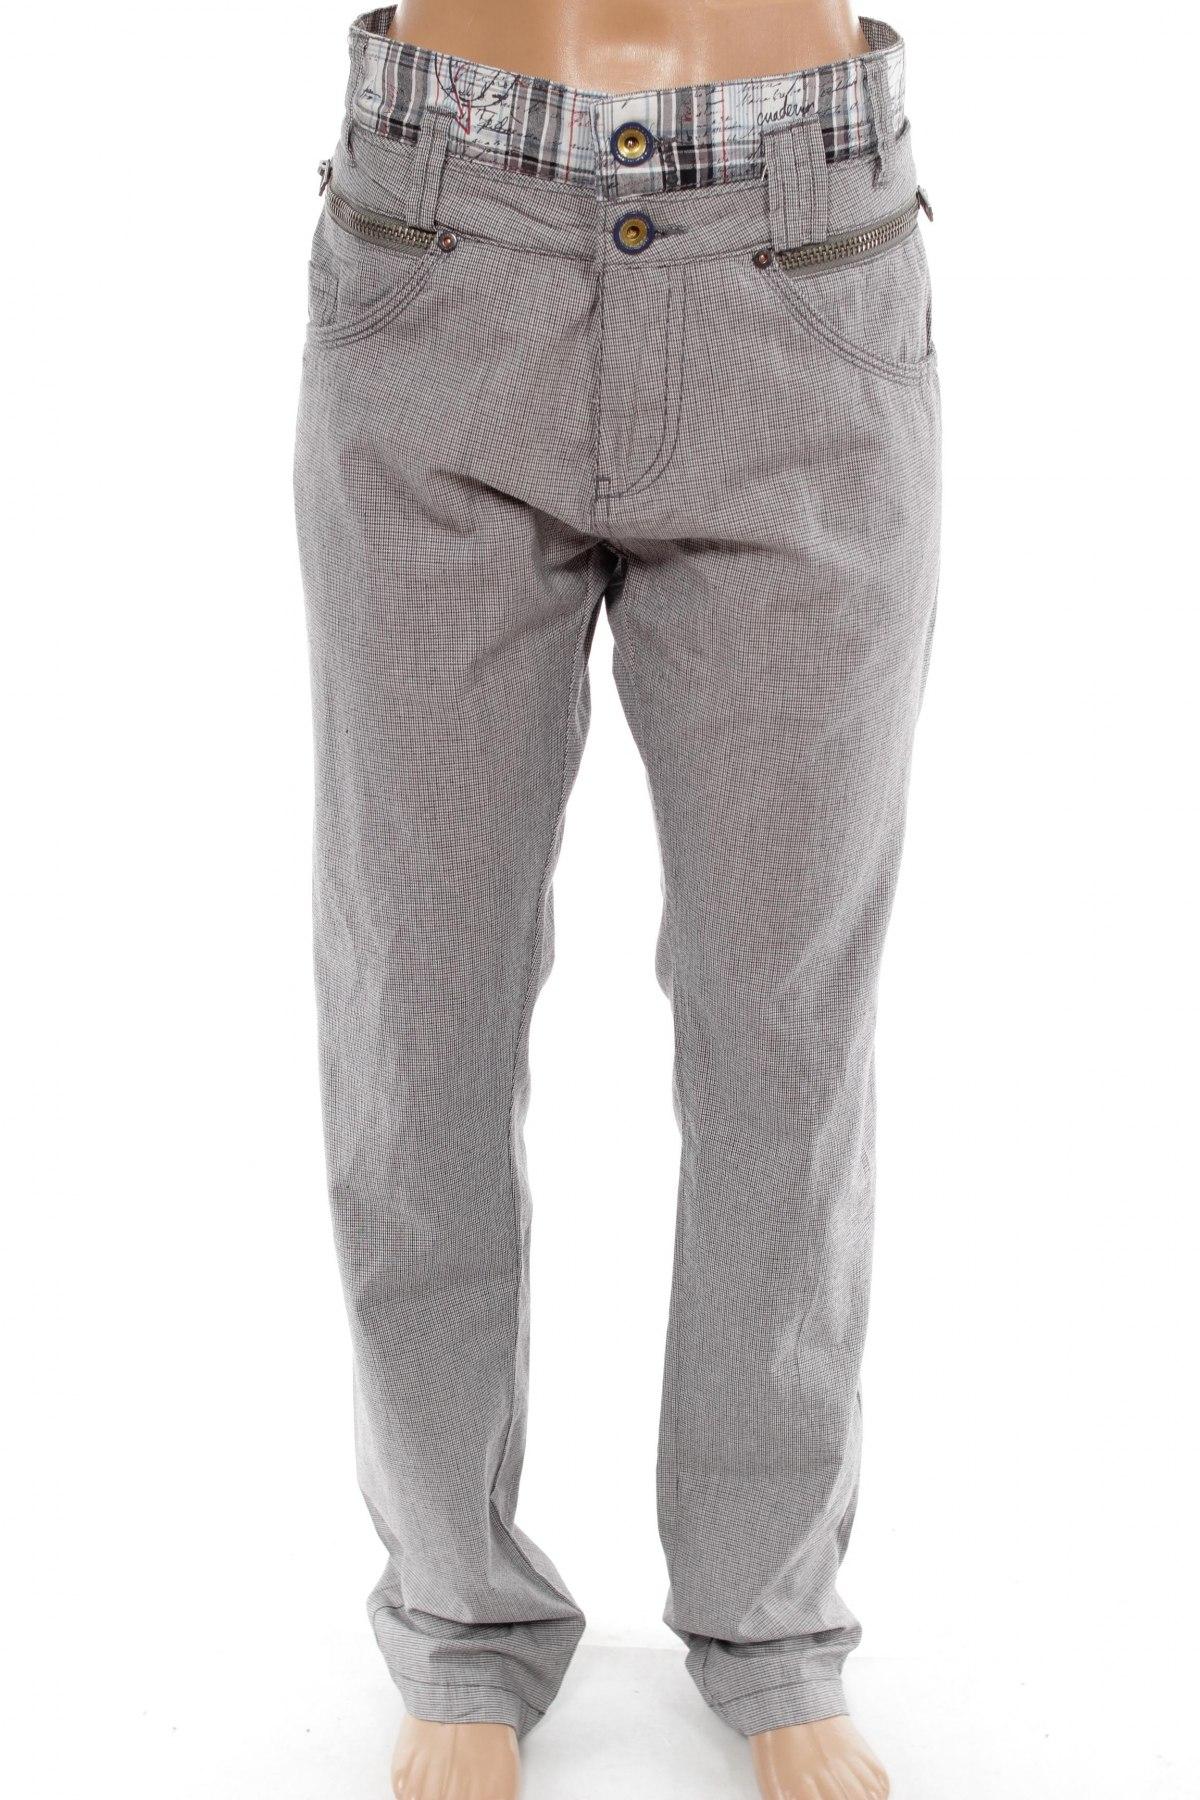 Pánské kalhoty Desigual - za vyhodnou cenu na Remix -  102388301 958574998d3